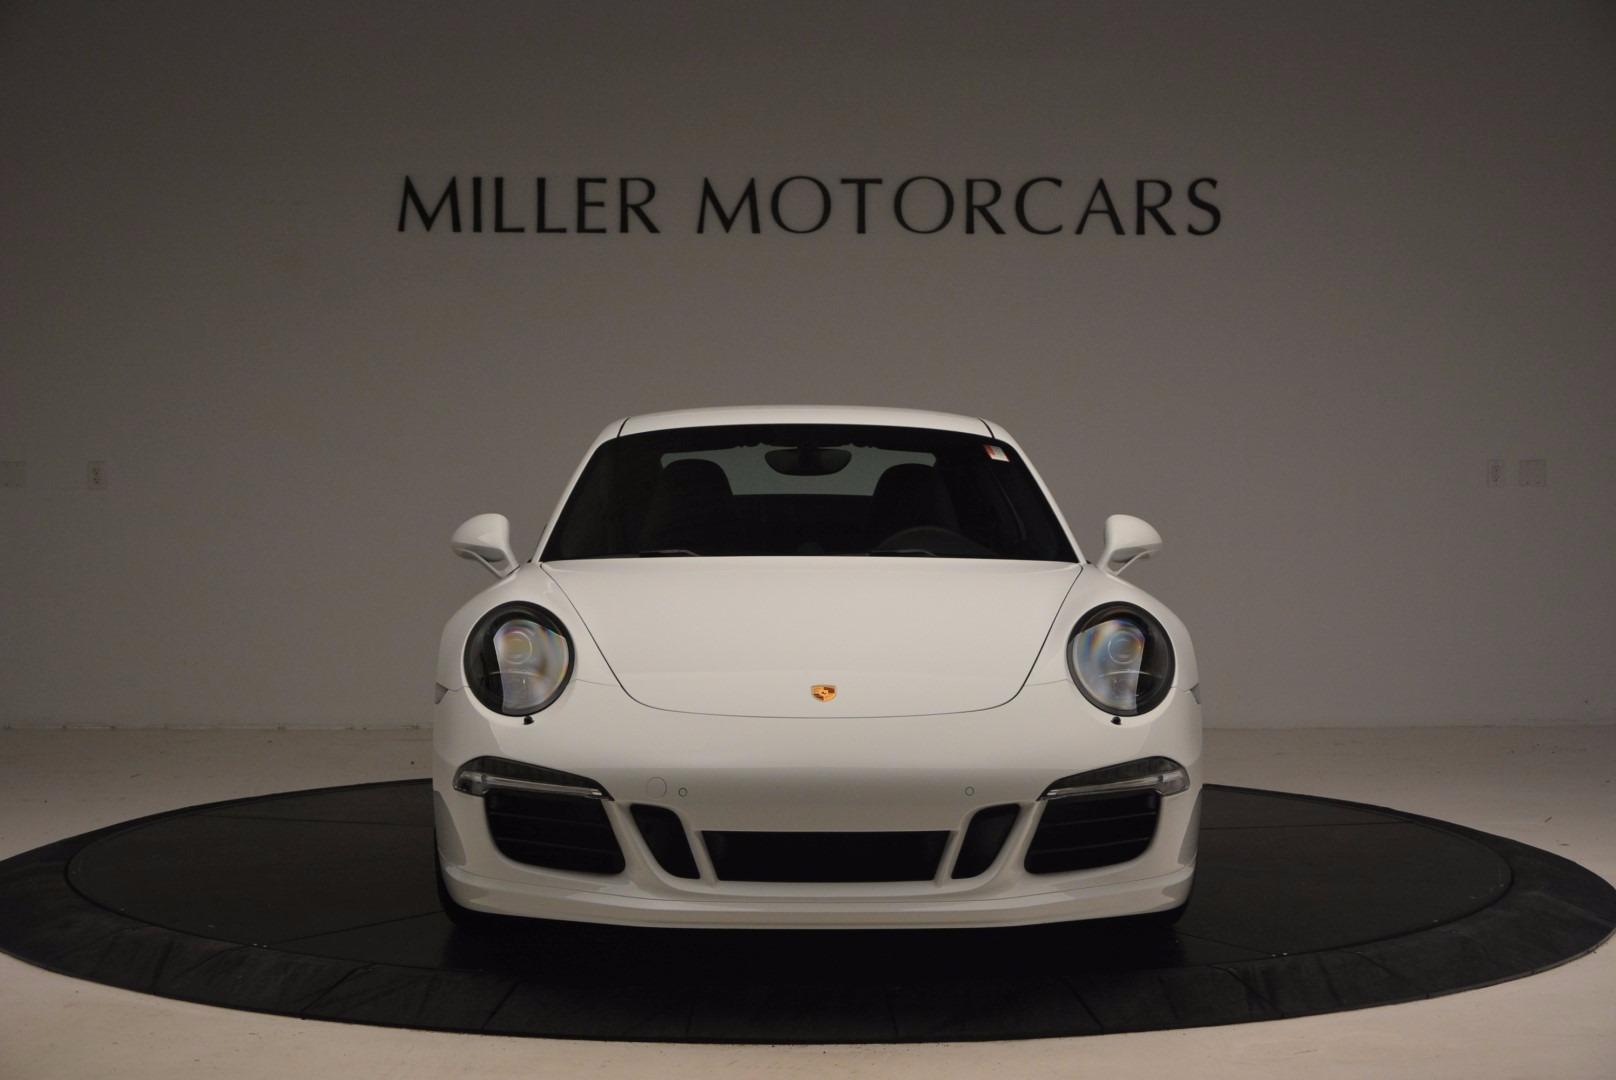 Used 2015 Porsche 911 Carrera GTS For Sale In Westport, CT 1444_p13